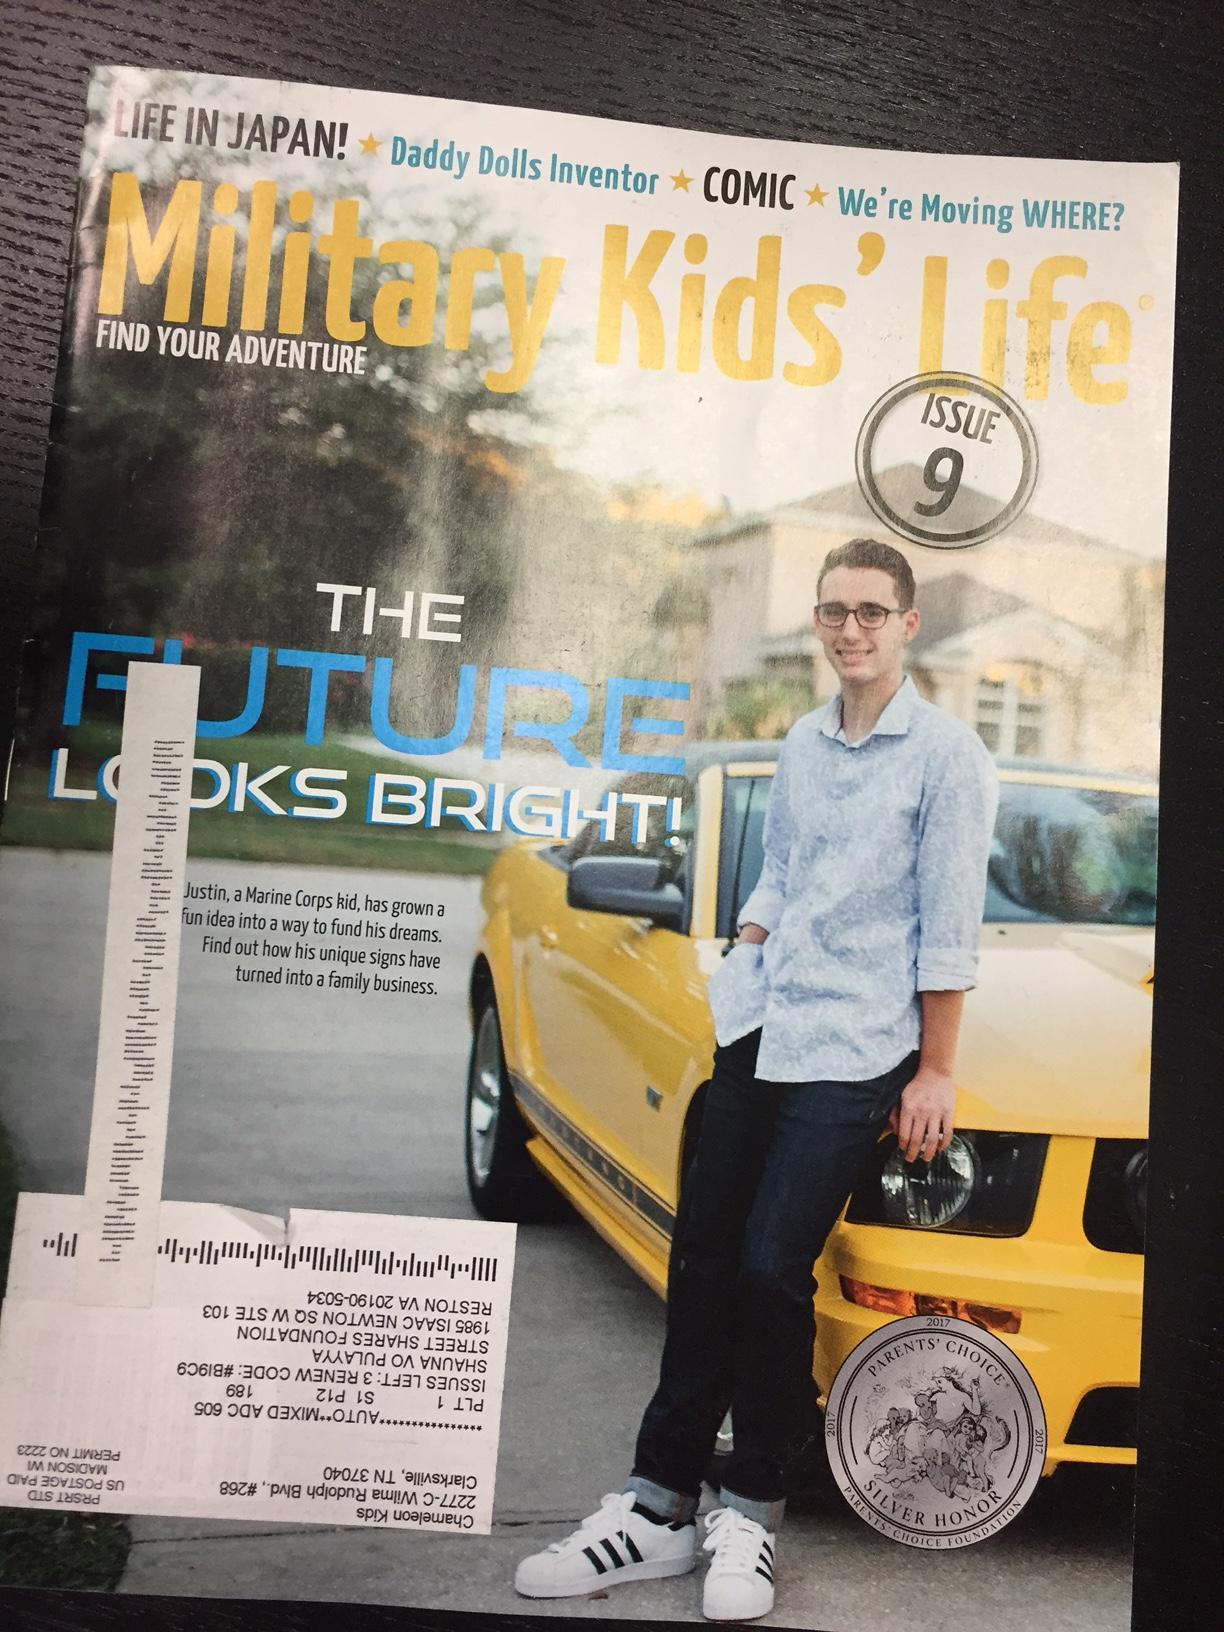 Military Kids Life Magazine.jpg